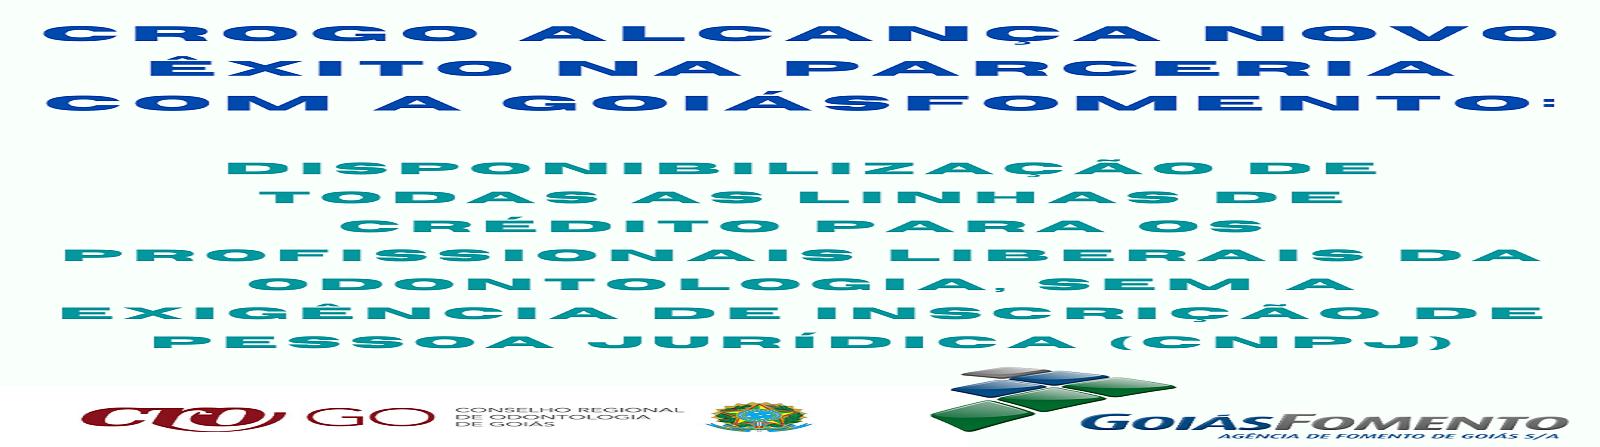 CROGO_alcana_novo_xito_na_parceria_com_a_GoisFomento_-_1600_x_447